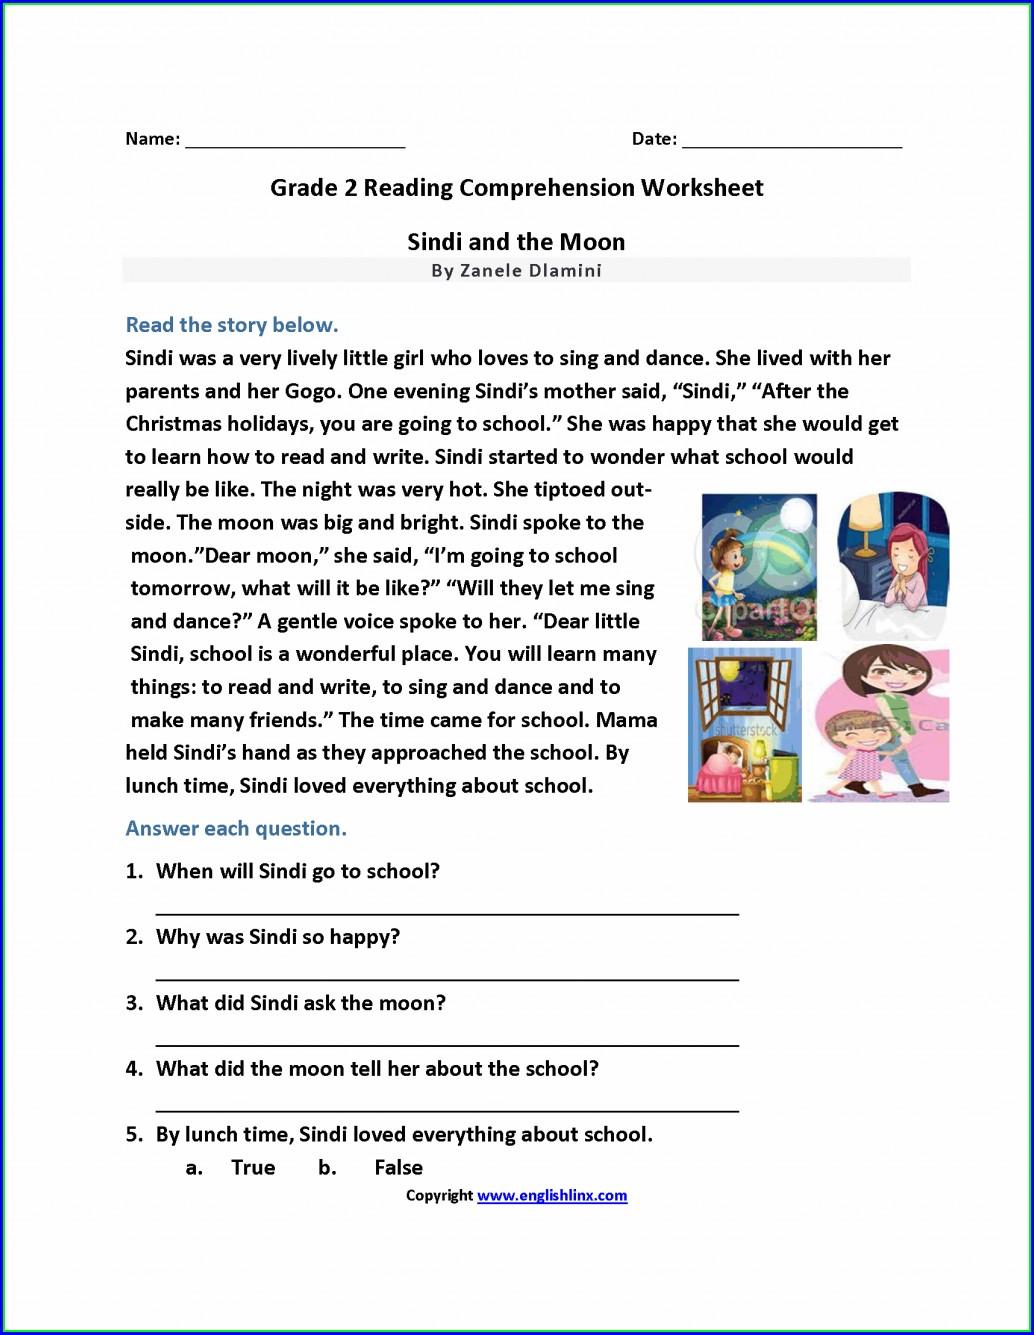 - Free Printable Reading Comprehension Worksheets For Grade 5 لم